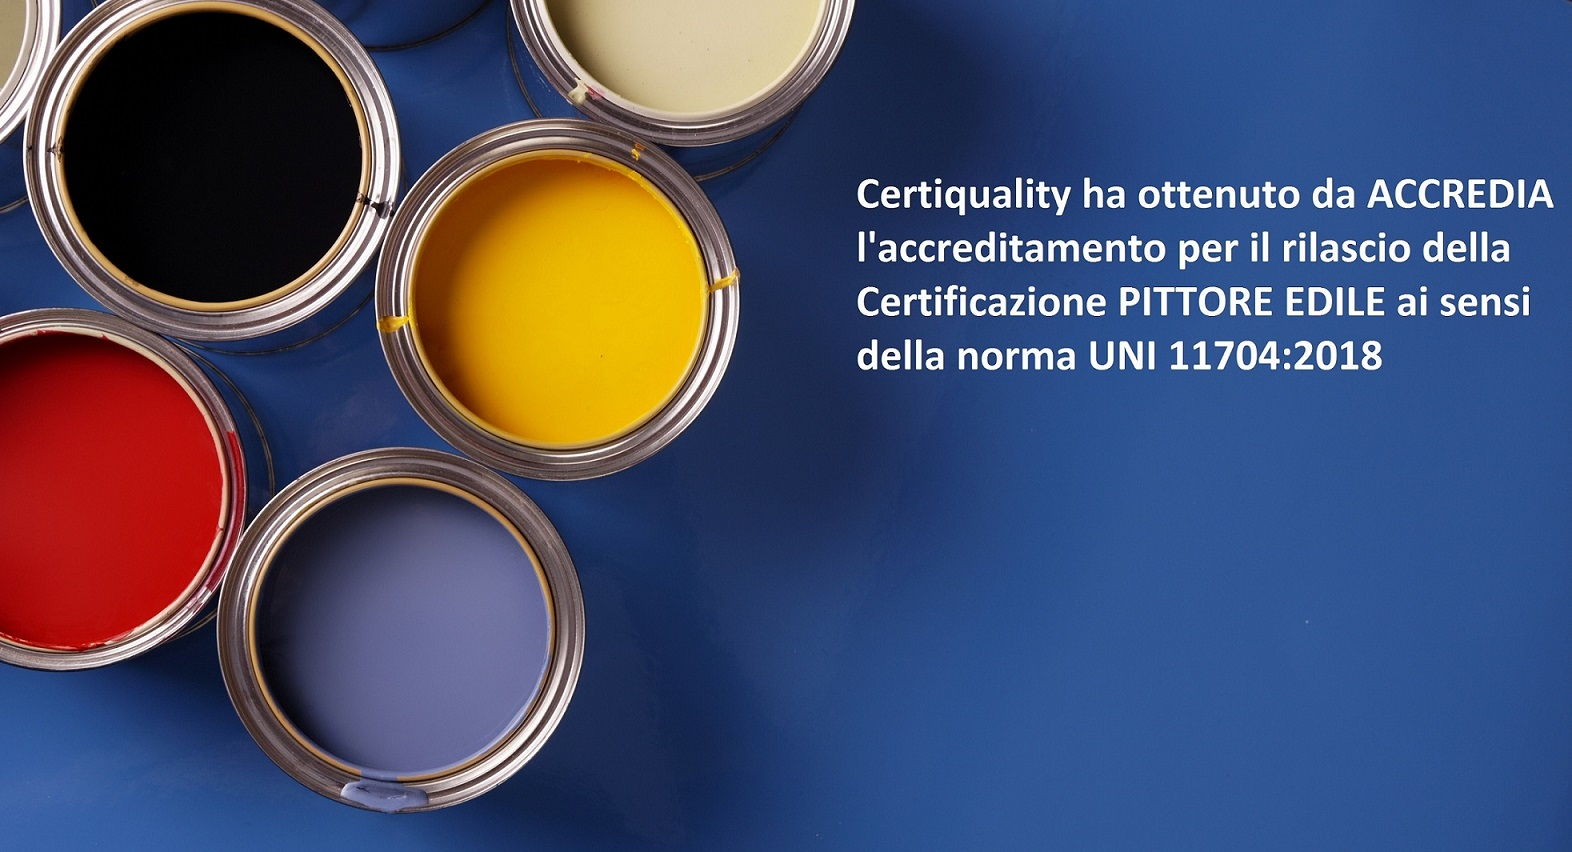 Certiquality ha ottenuto  l'accreditamento  ACCREDIA per la  Certificazione del Pittore Edile